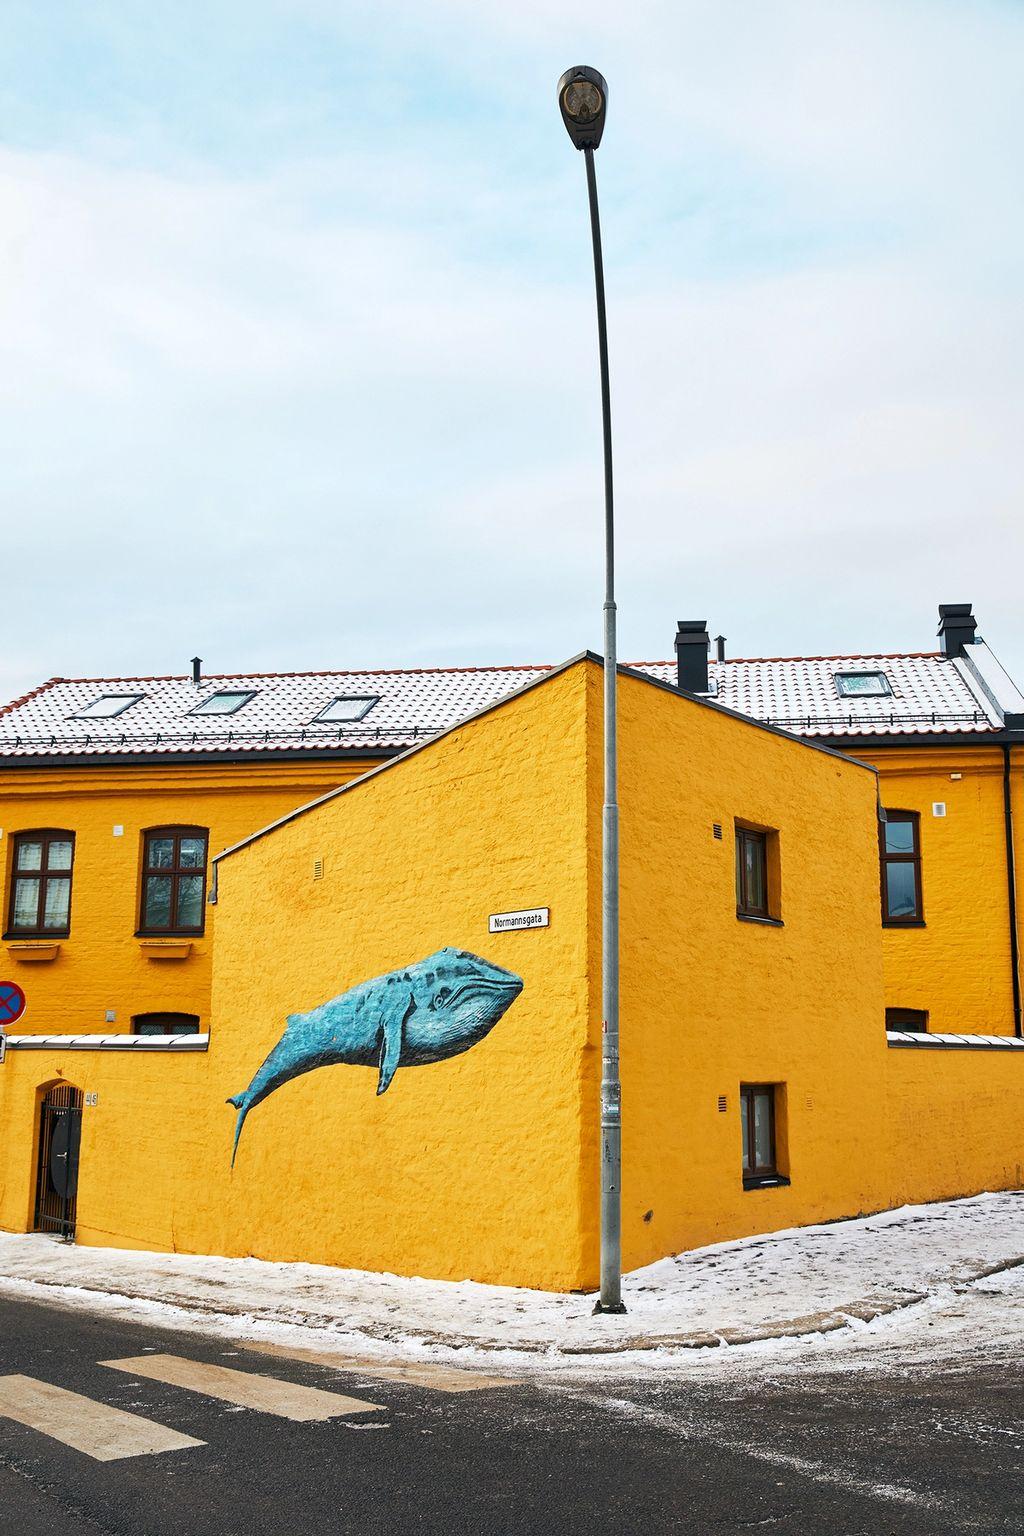 Det historiske arbeiderstrøket Kampen bugner av særpreg og nabolagsidentitet.